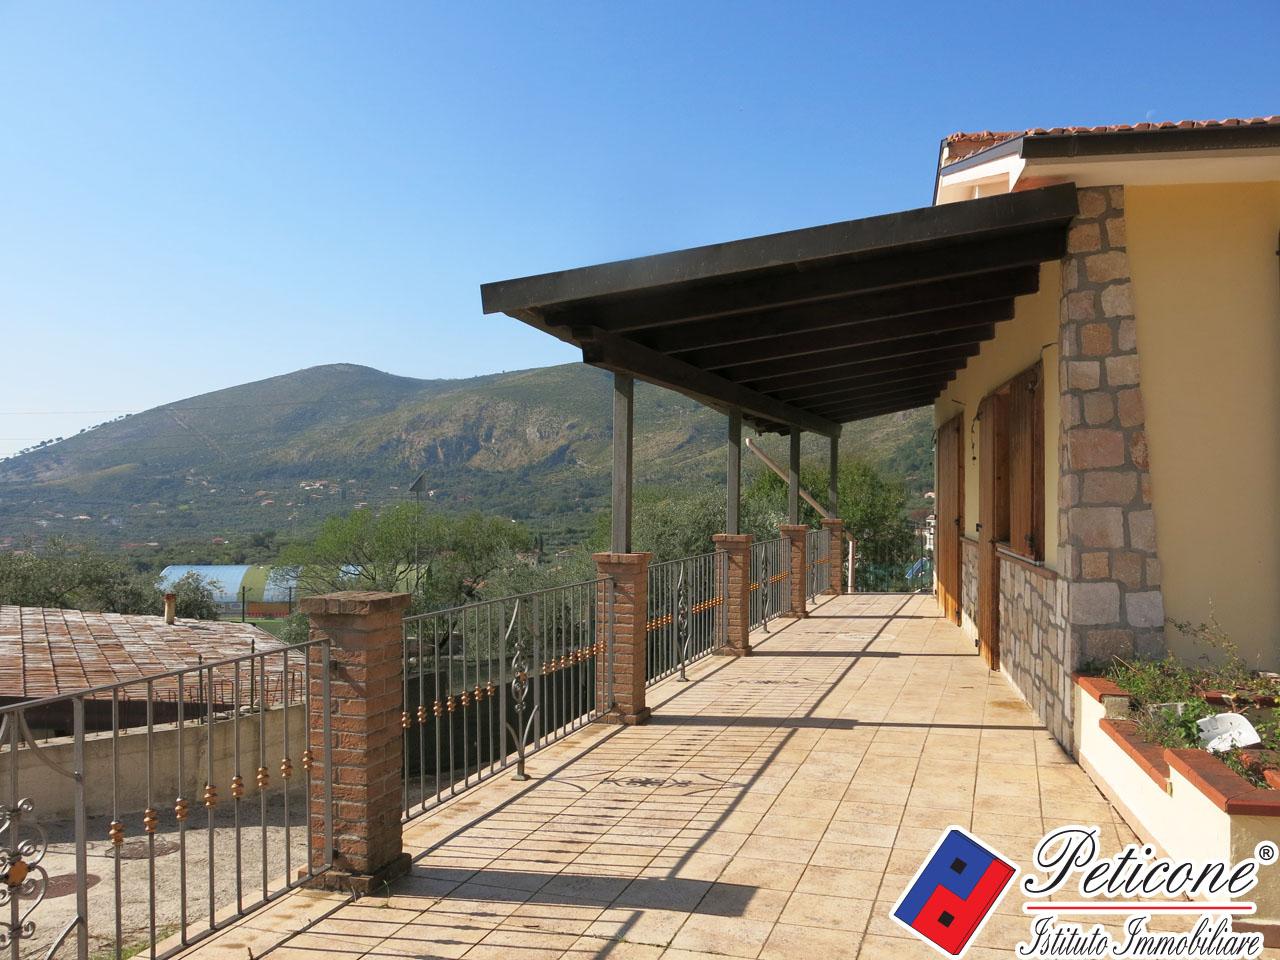 Villa in Vendita a Formia: 4 locali, 90 mq - Foto 13